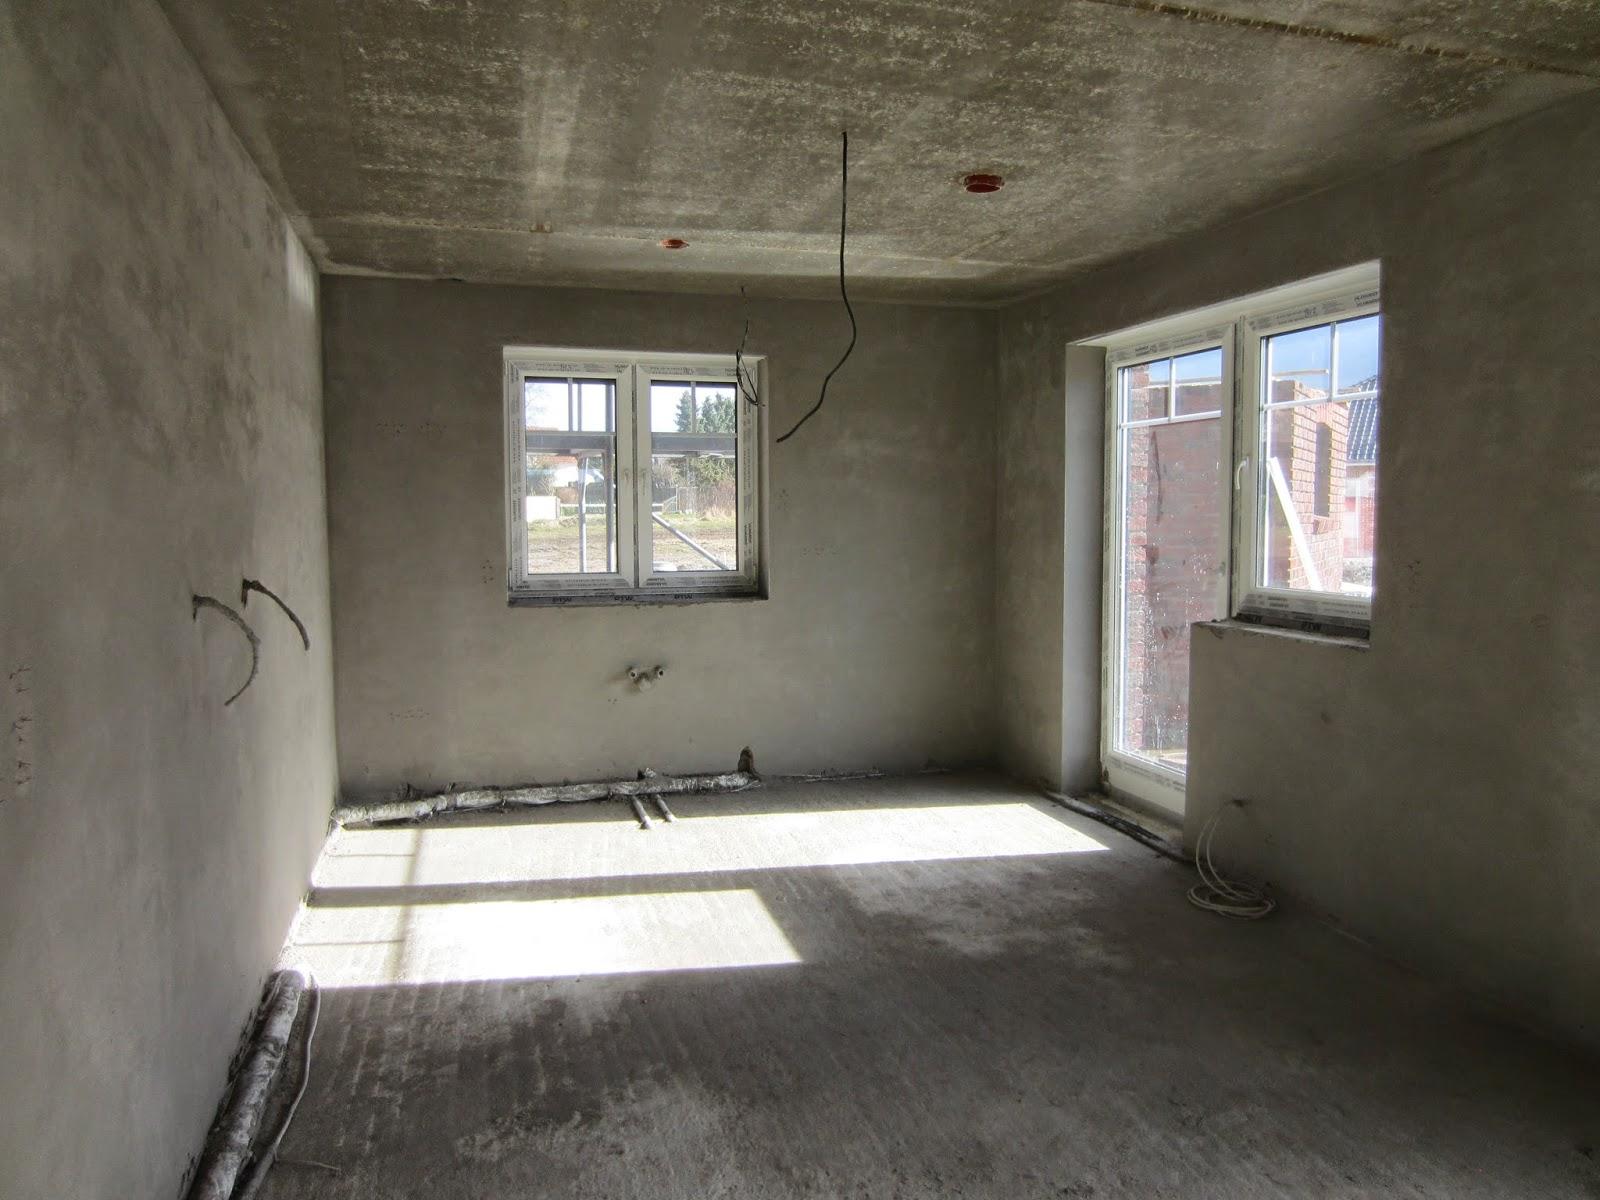 haus am hafen reinigen sauber machen nee putzen. Black Bedroom Furniture Sets. Home Design Ideas